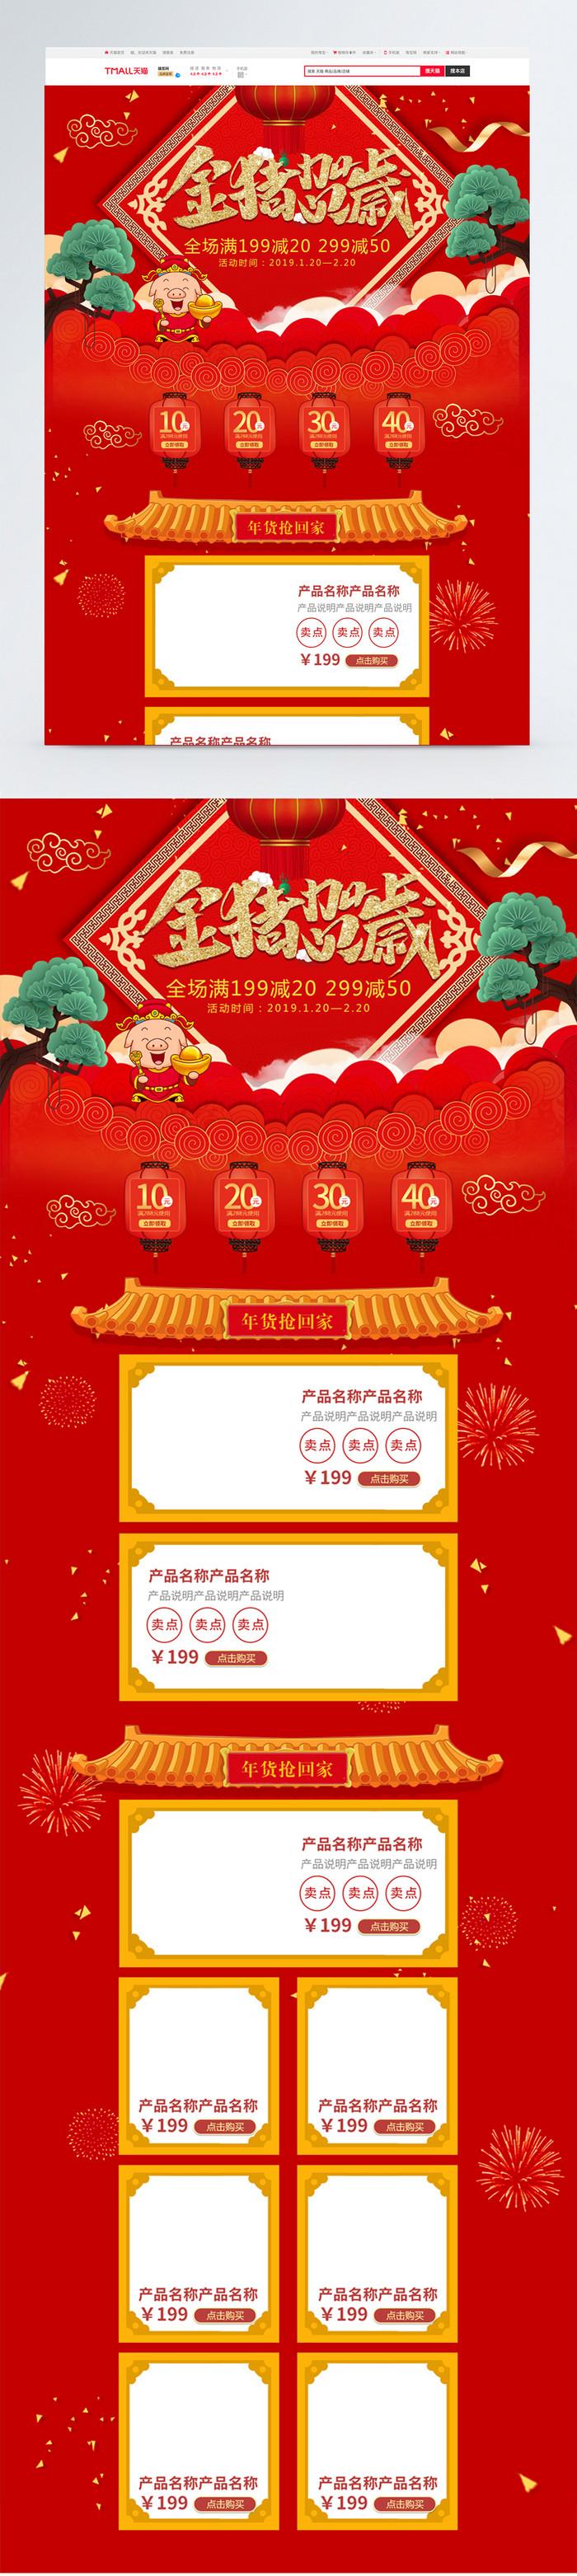 中国风金猪贺岁淘宝首页